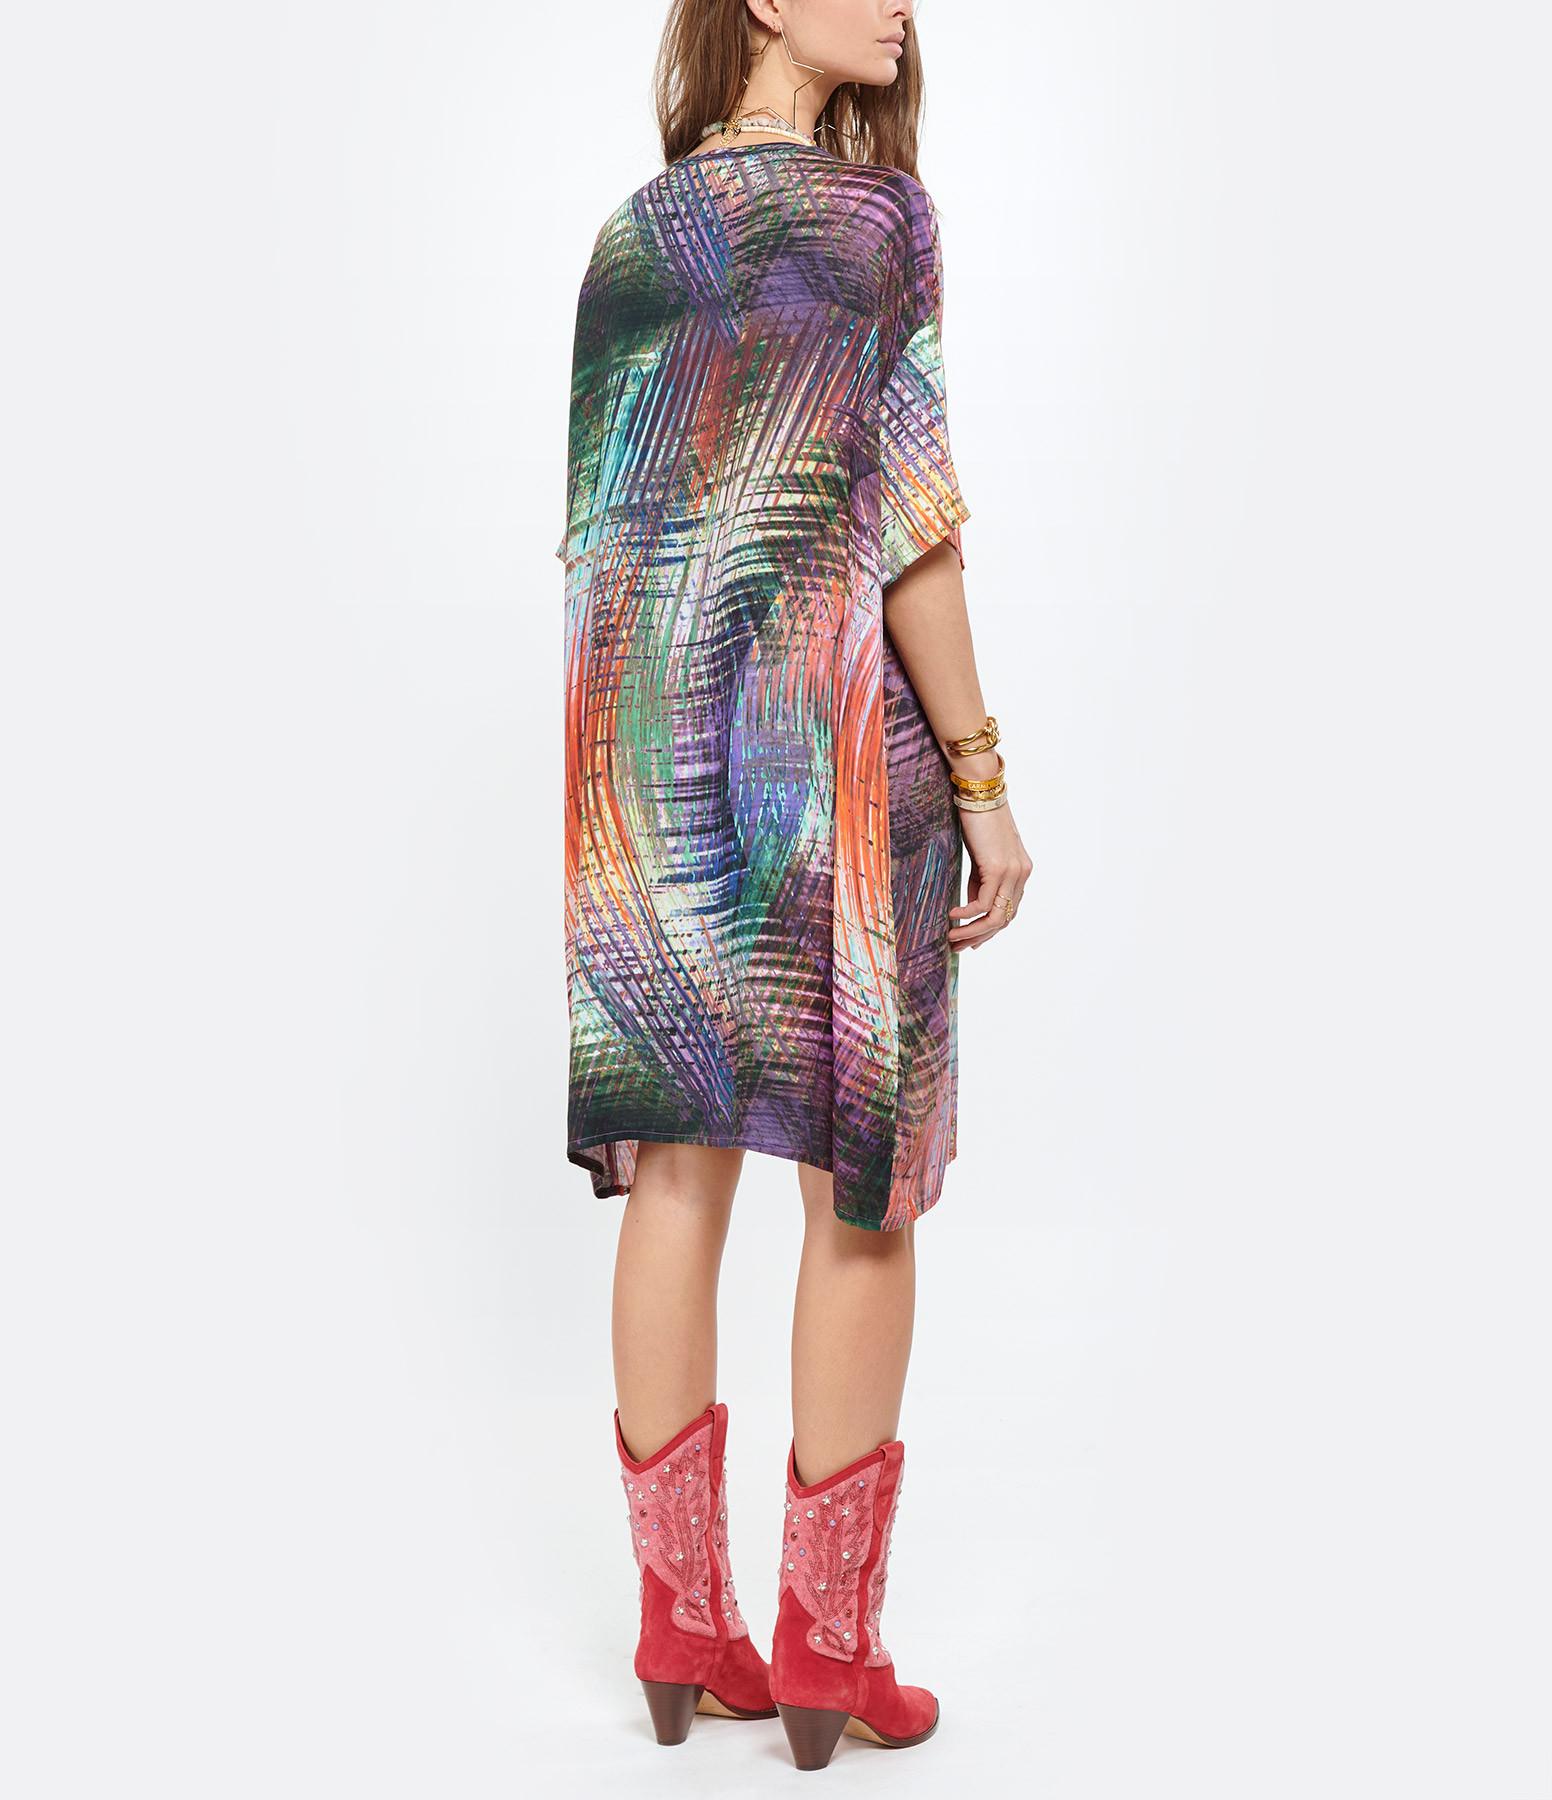 MAEVY - Robe Irisprint Imprimé Multicolore